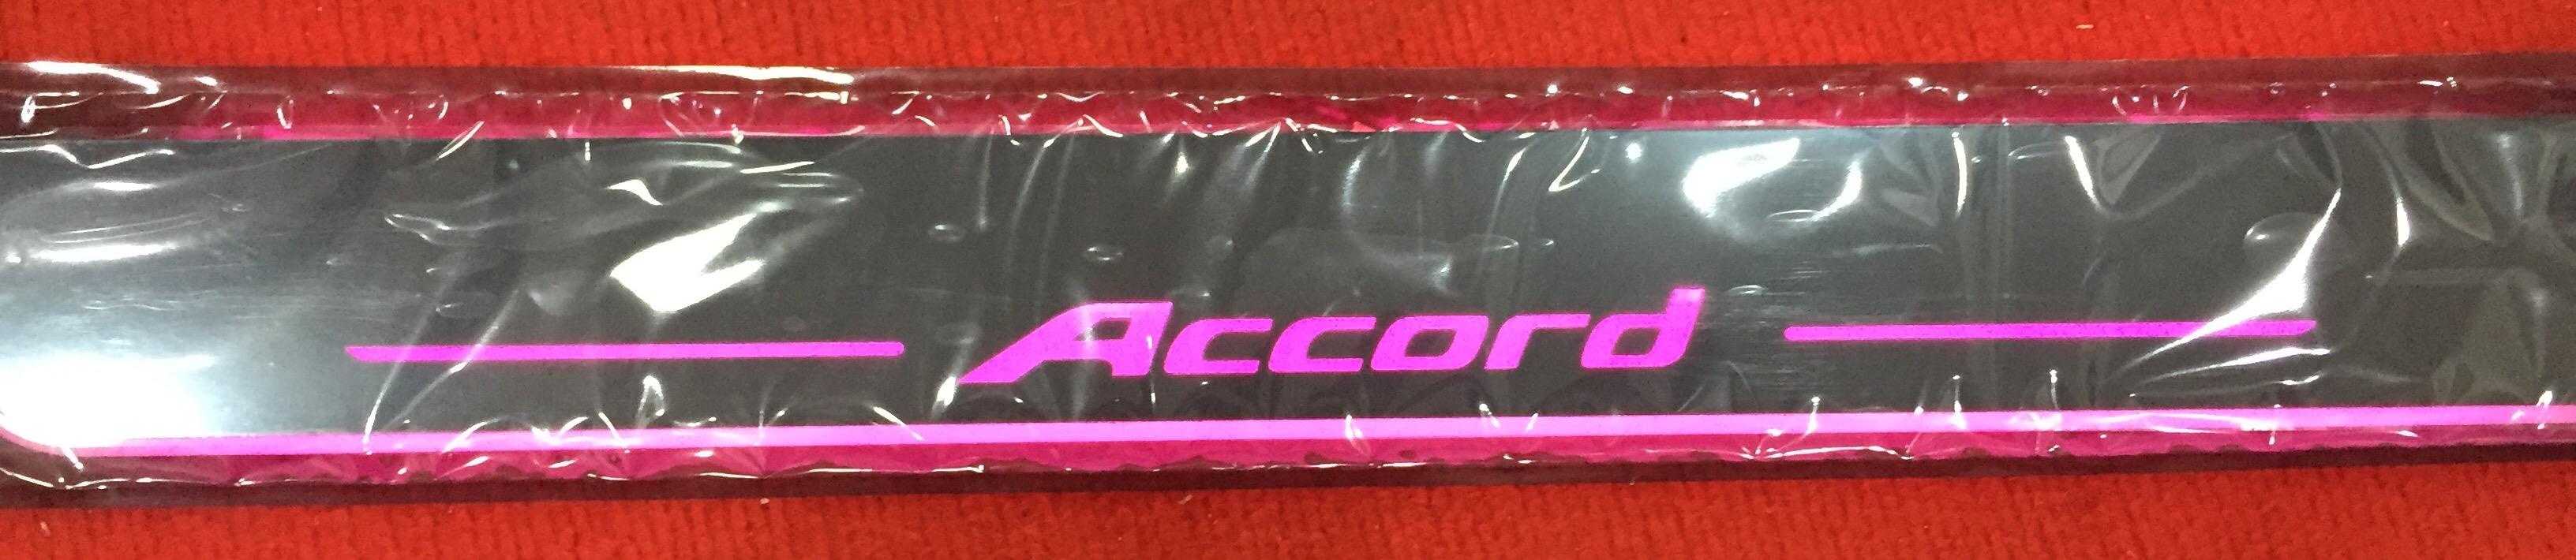 LED sill scuff plate- Accord